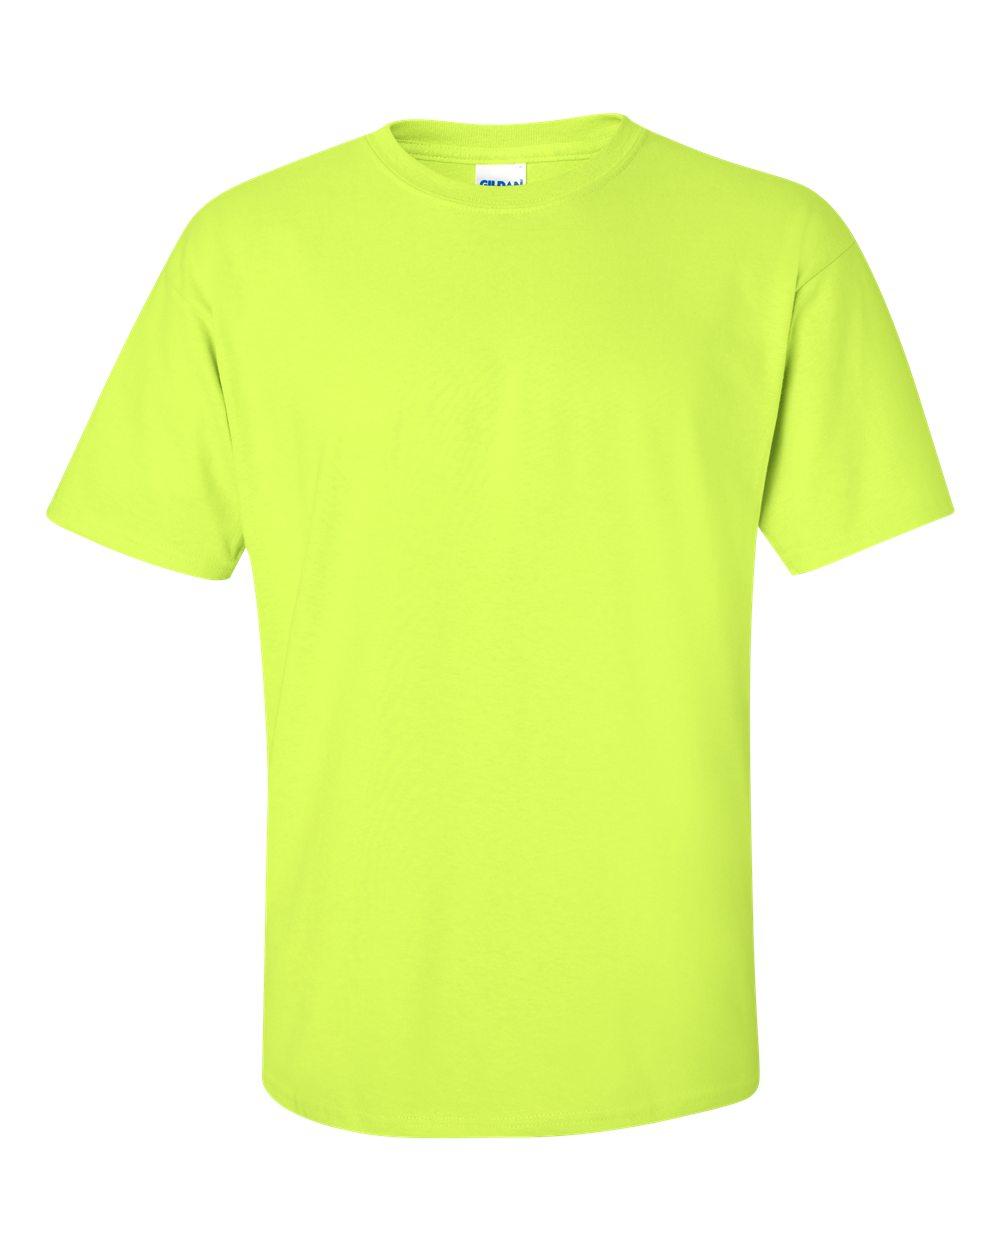 9e39d58a Gildan – Ultra Cotton High Visibility T-Shirt – 2000   Action Safety ...